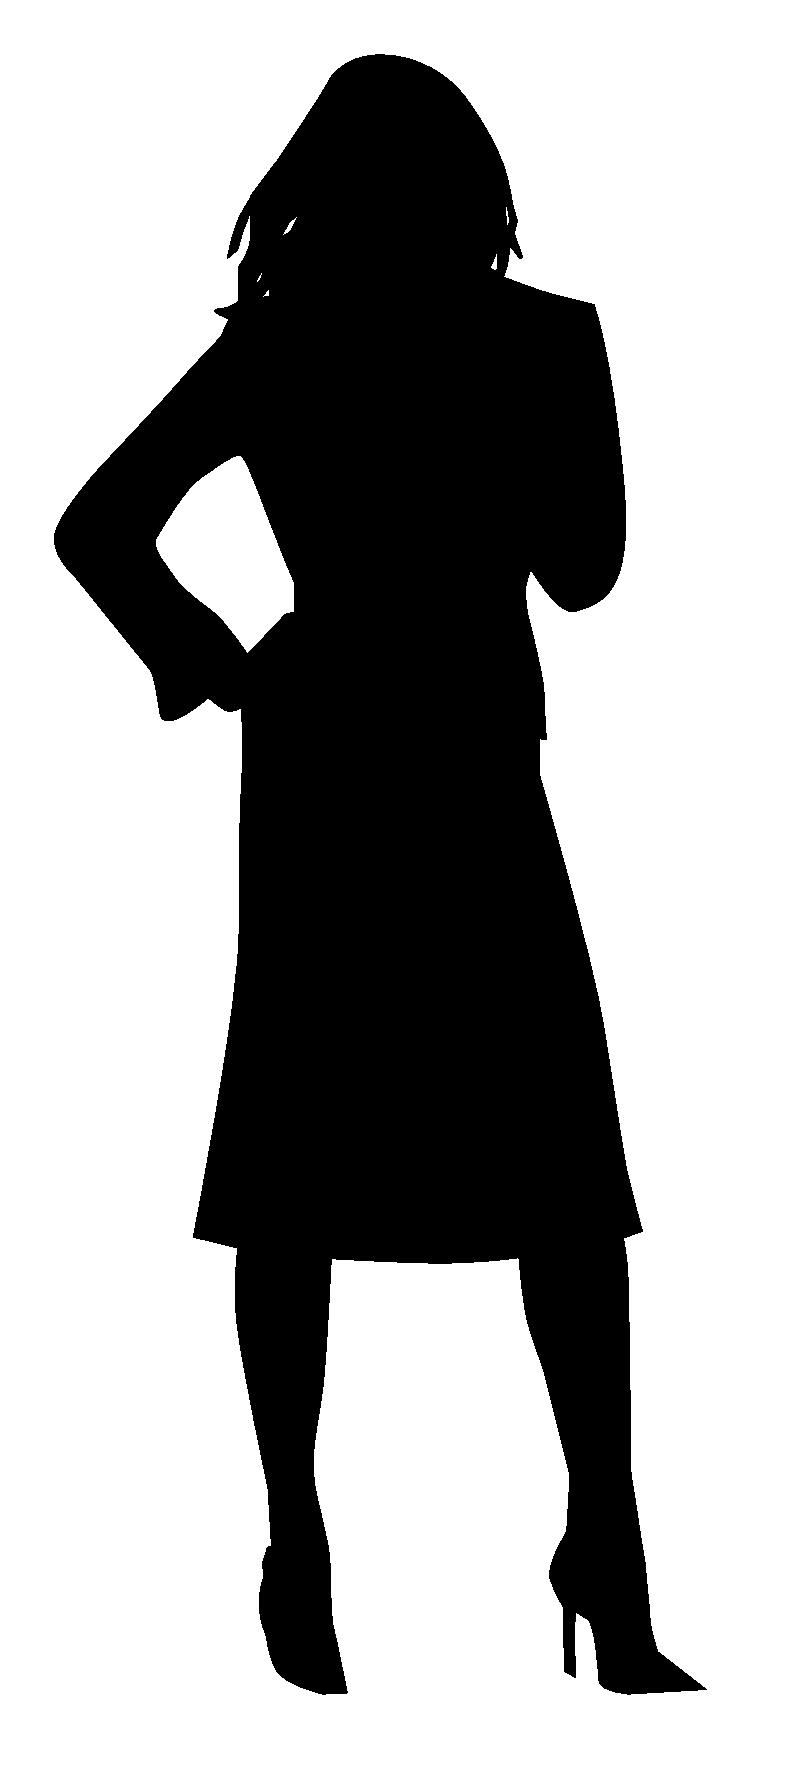 800x1789 Silhouette Woman